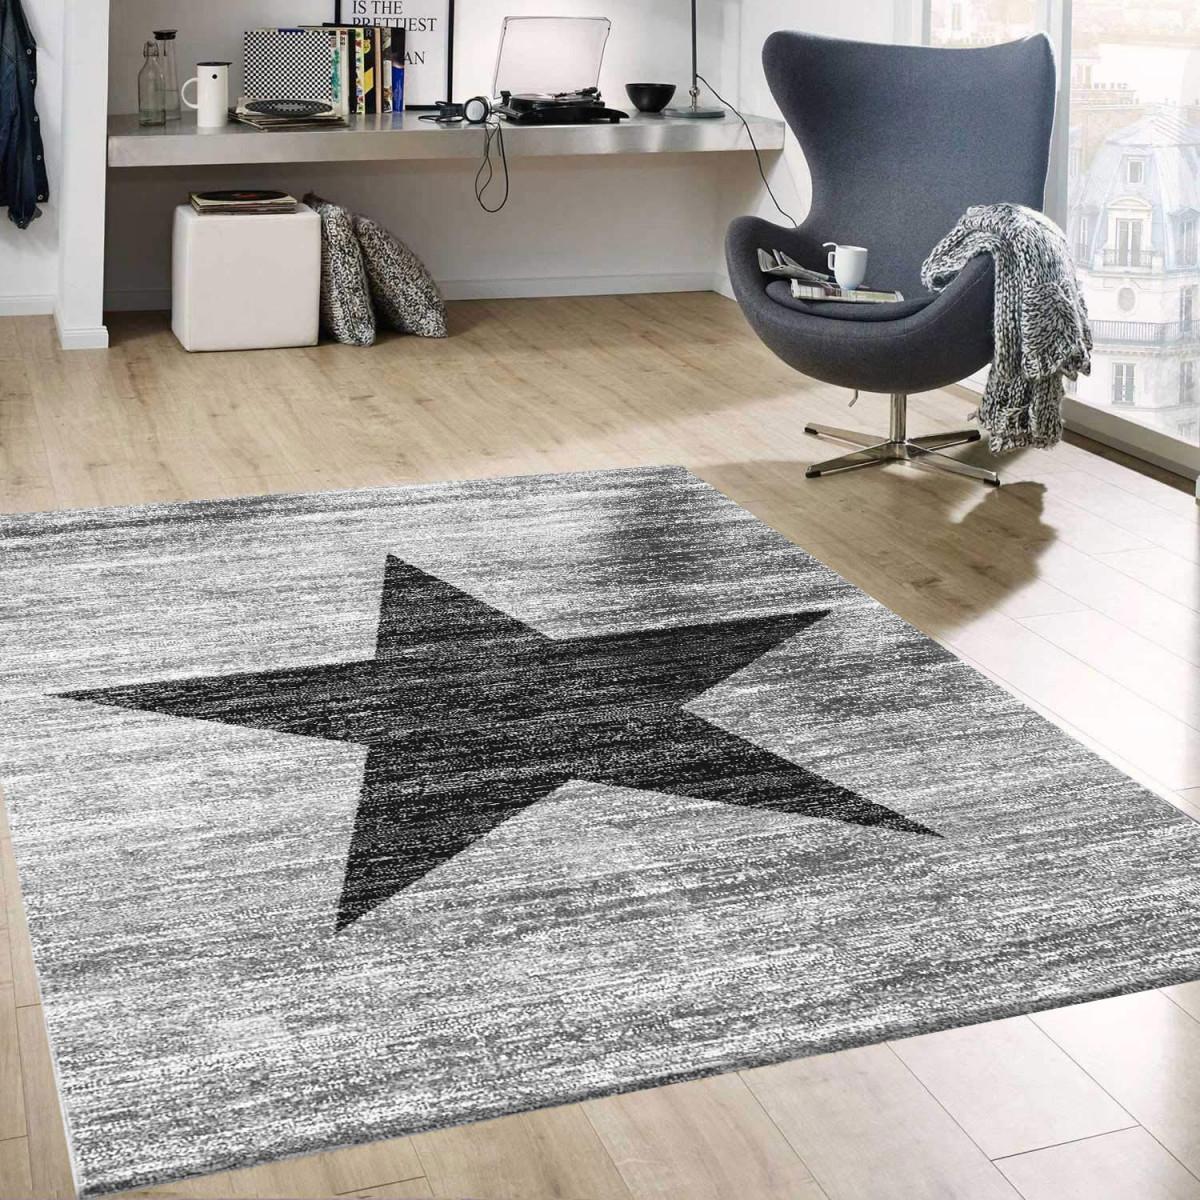 Details Zu Stern Muster Teppich Meliert In Grau Schwarz Stylish Accessoire von Teppich Set Wohnzimmer Photo